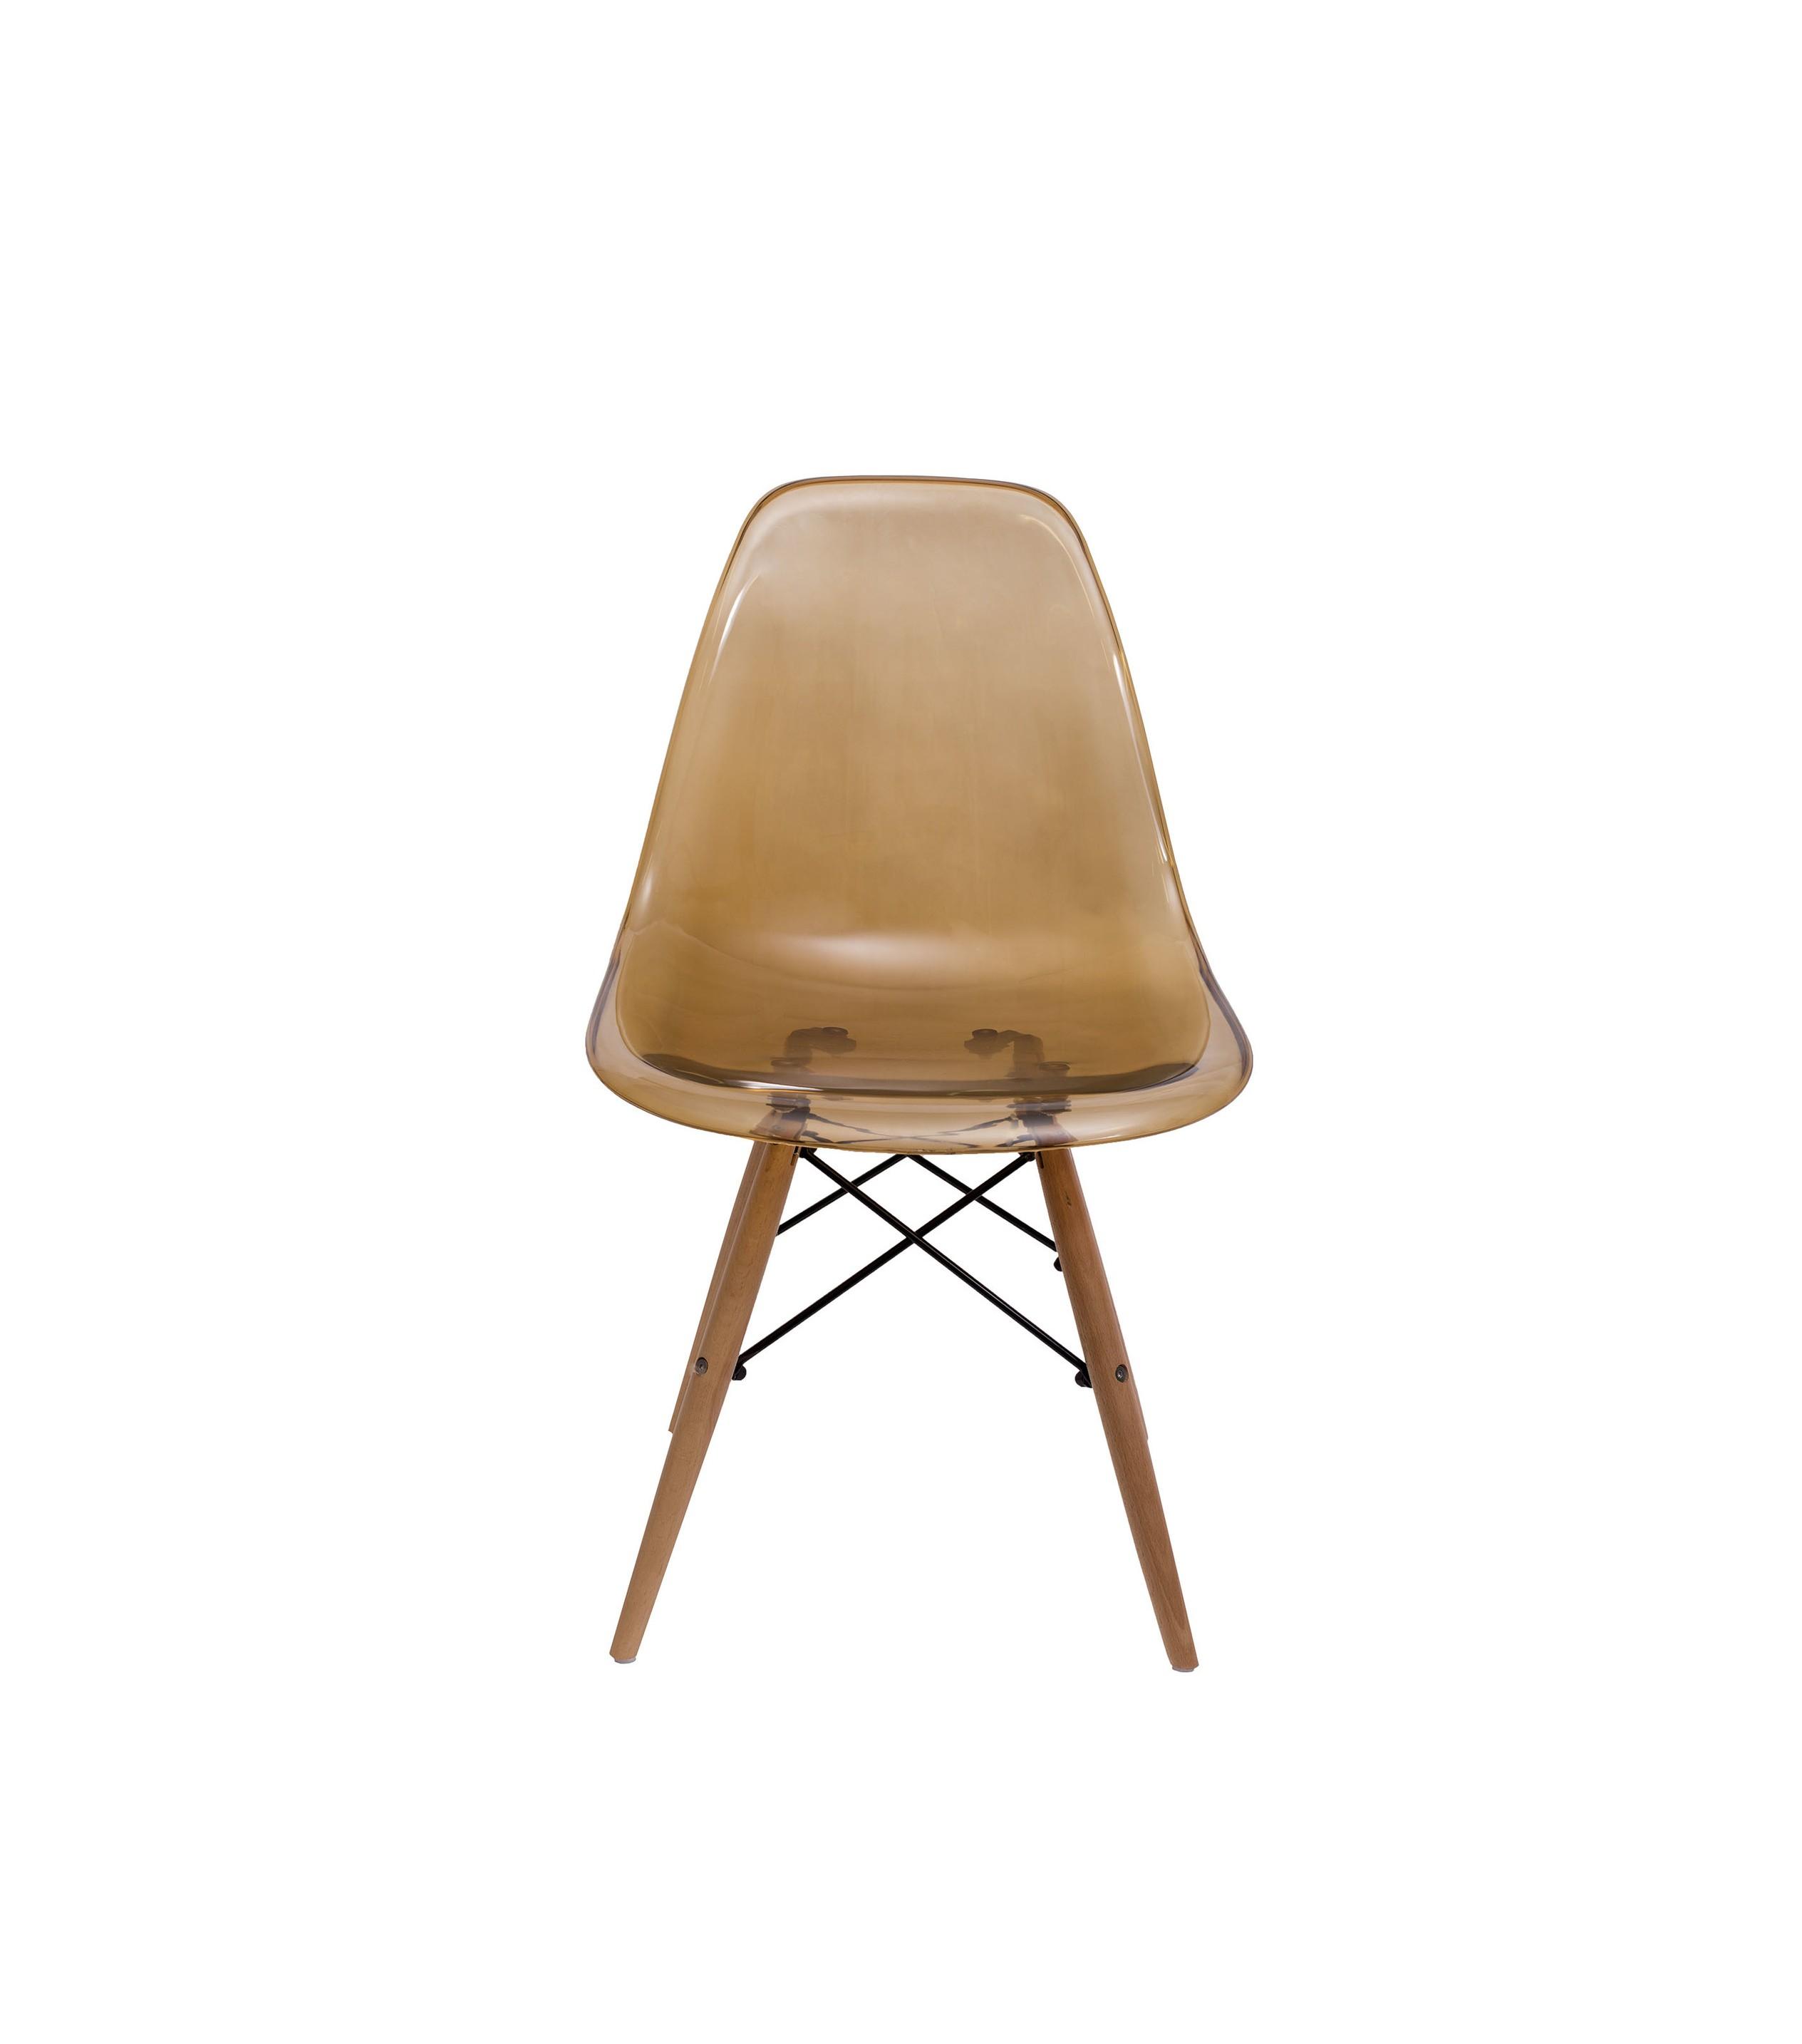 Стул ГавайиОбеденные стулья<br>Стильные яркие стулья из коллекции «Гавайи» придутся по вкусу поклонникам стиля модерн. Вопреки строгой геометрии сглаженность линий и природные оттенки позволят забыть о привычных условностях в декоре интерьера.<br><br>Material: Пластик<br>Ширина см: 48<br>Высота см: 82<br>Глубина см: 46